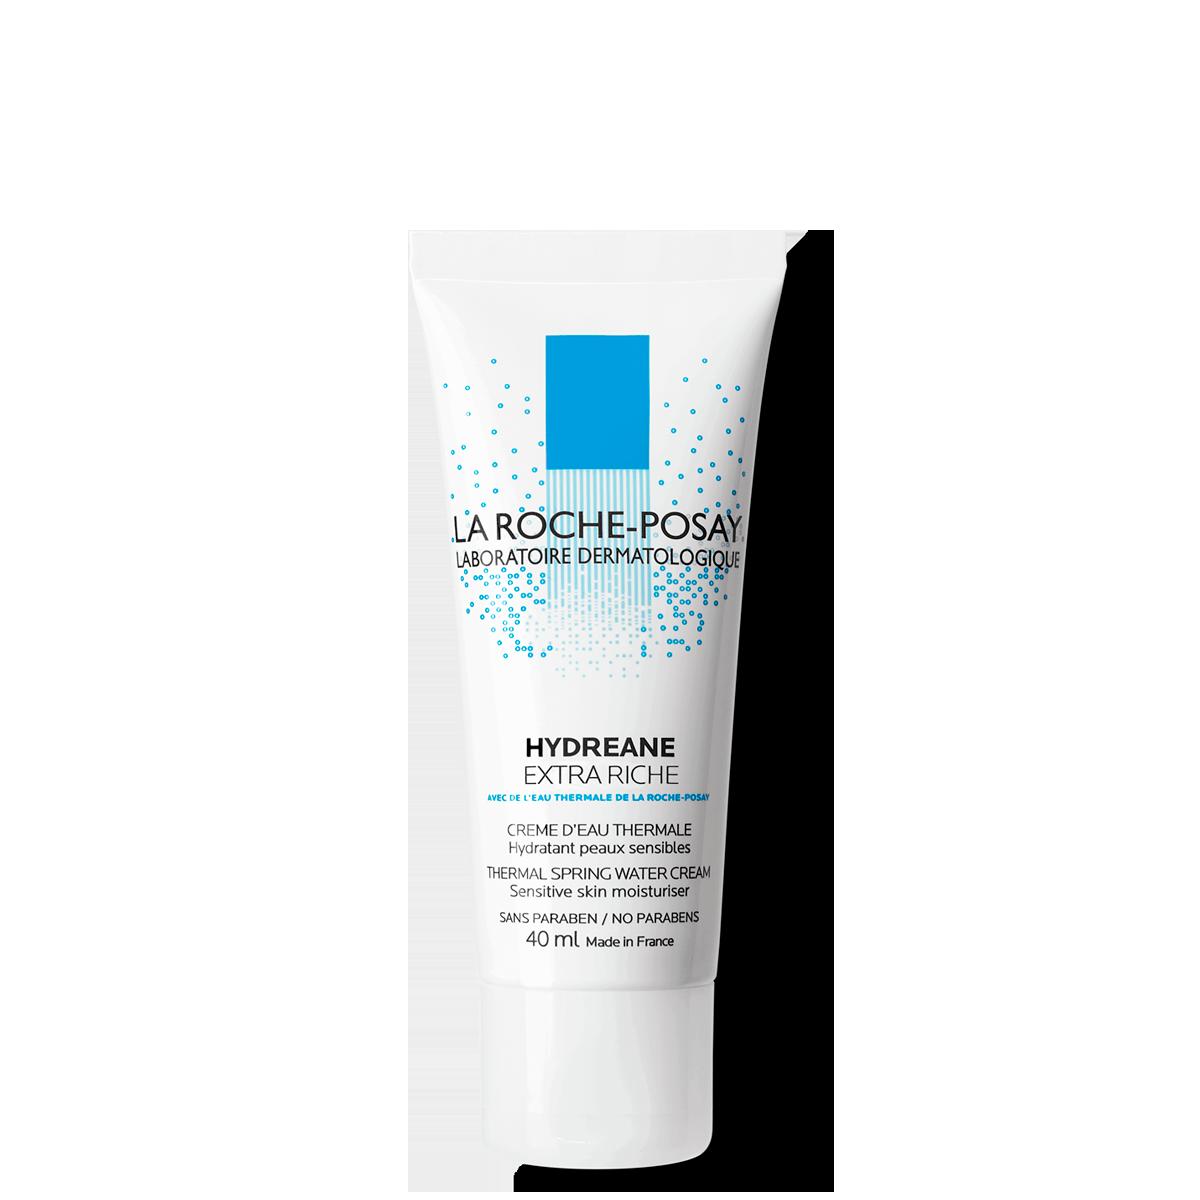 HYDREANE EXTRA RICHE 40 ml Przód | La Roche Posay